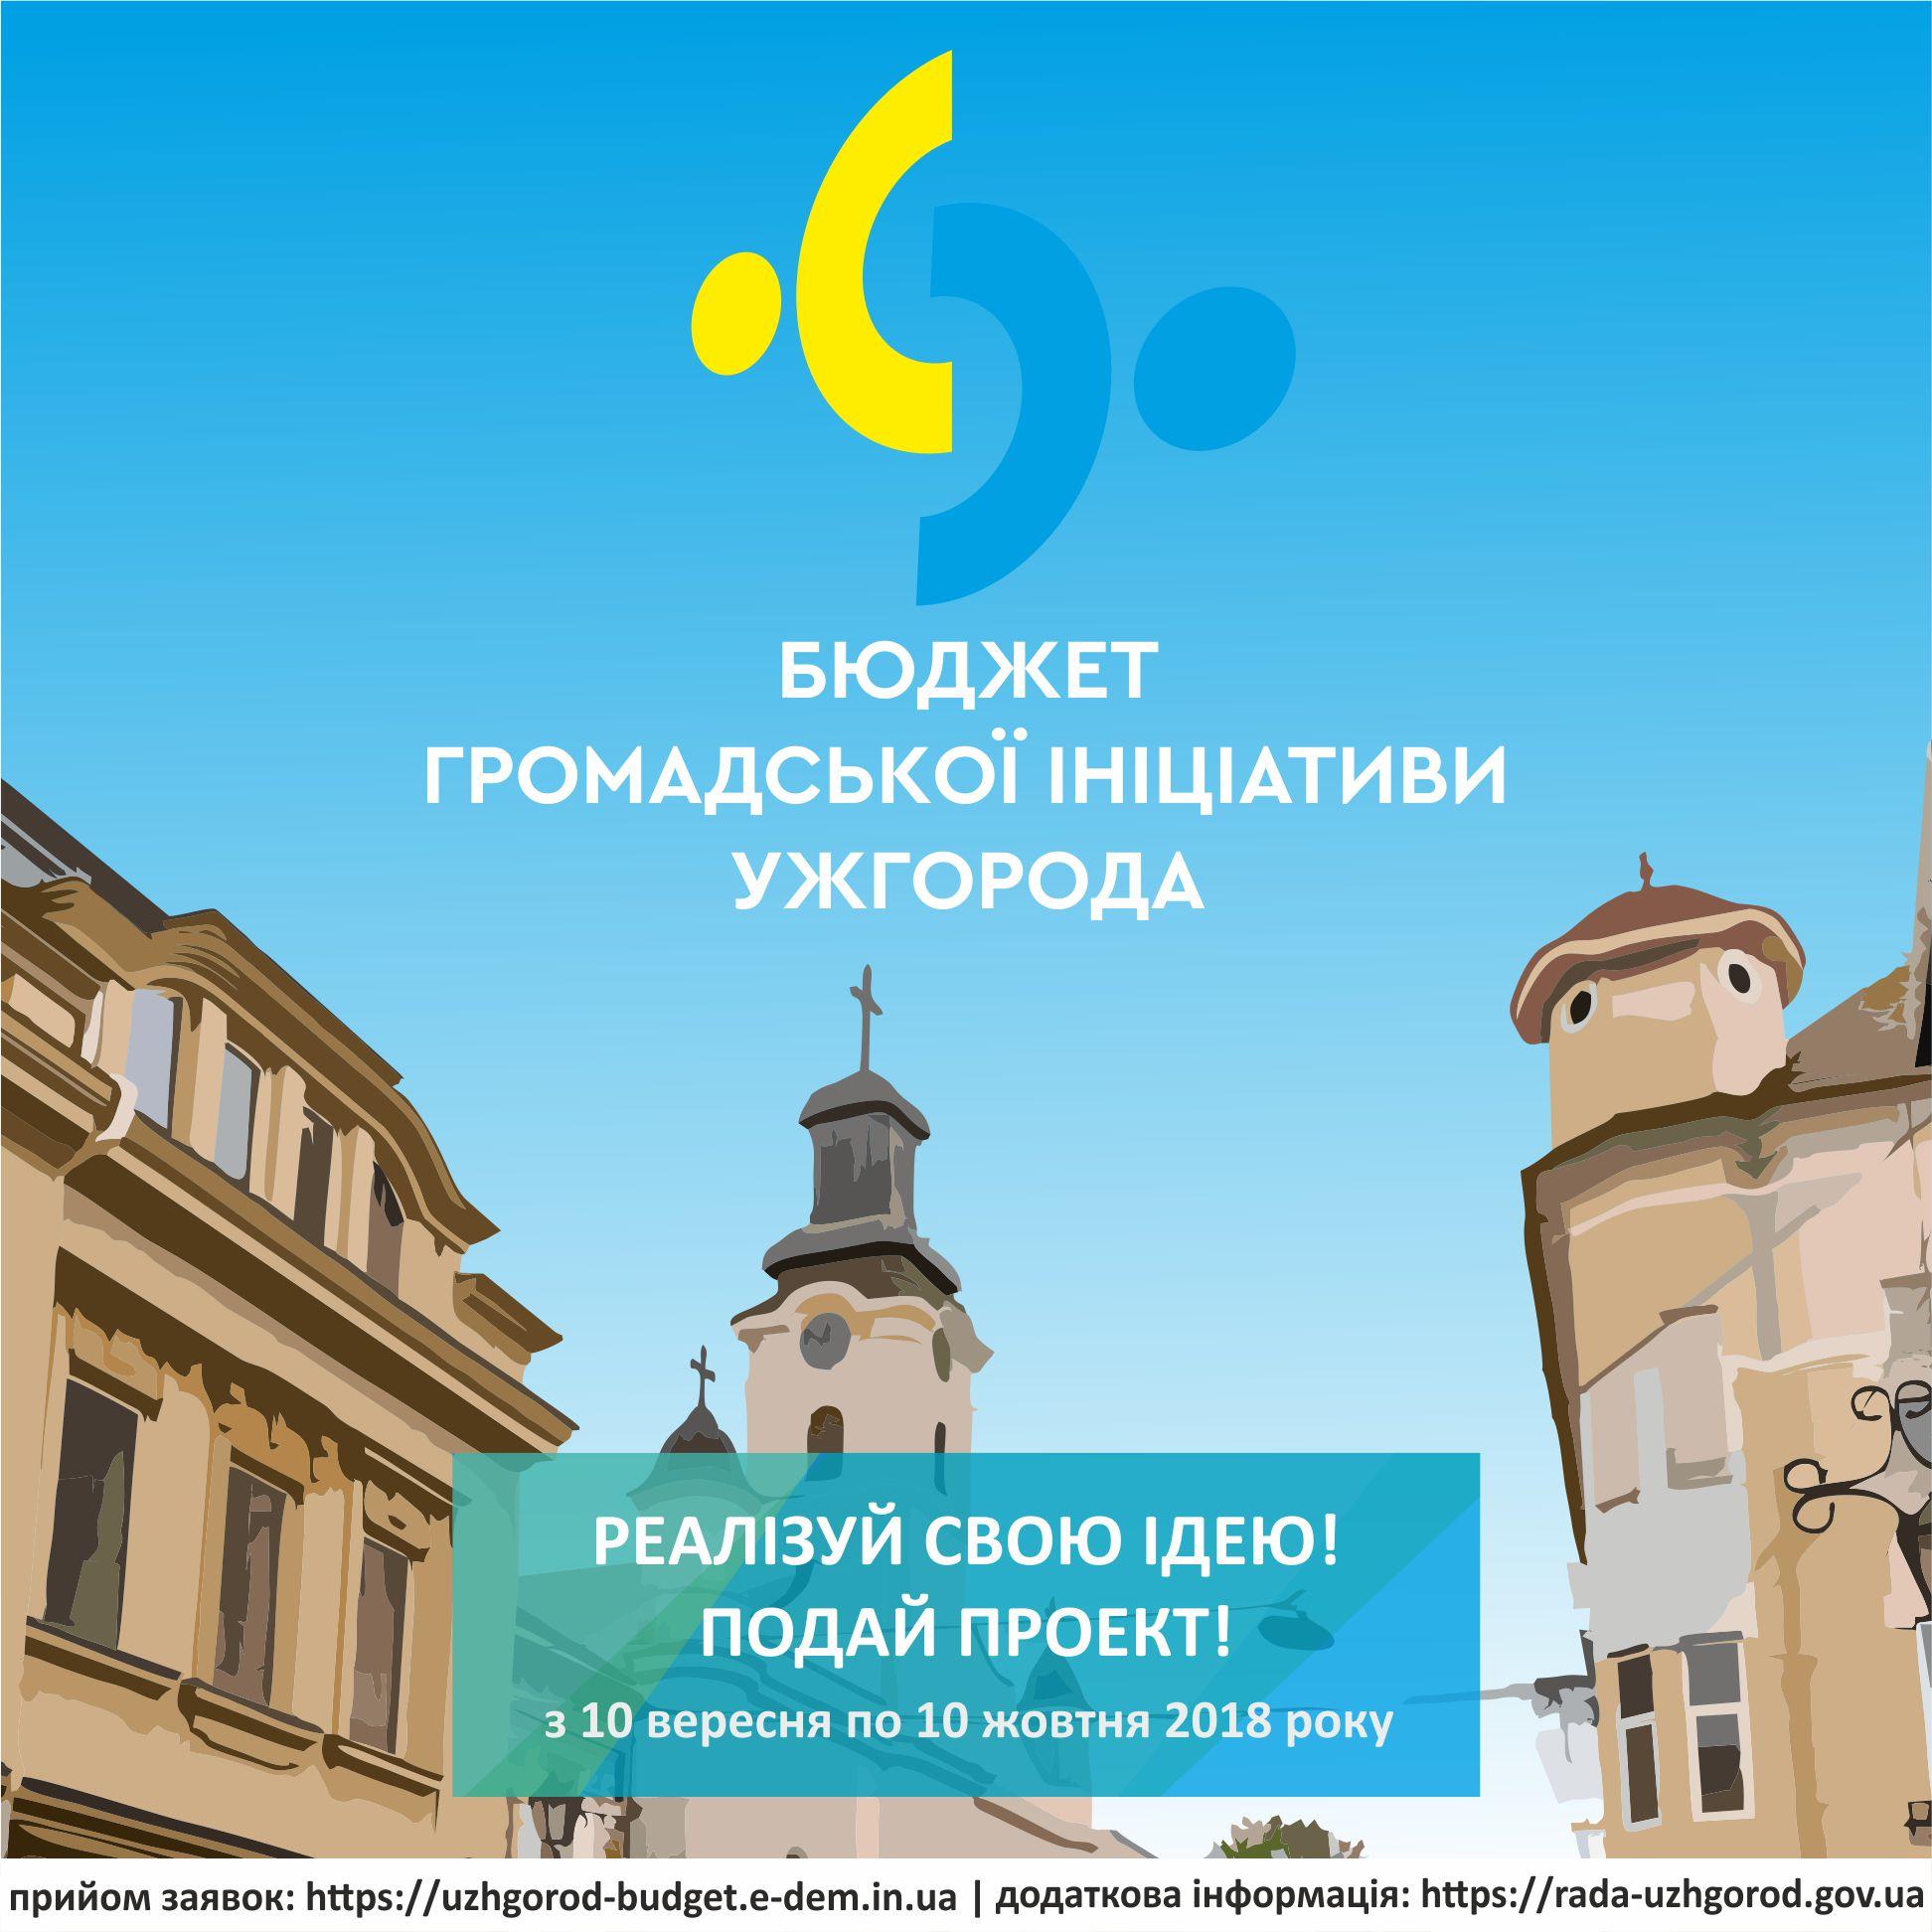 В Ужгороді знову стартує Бюджет громадської ініціативи